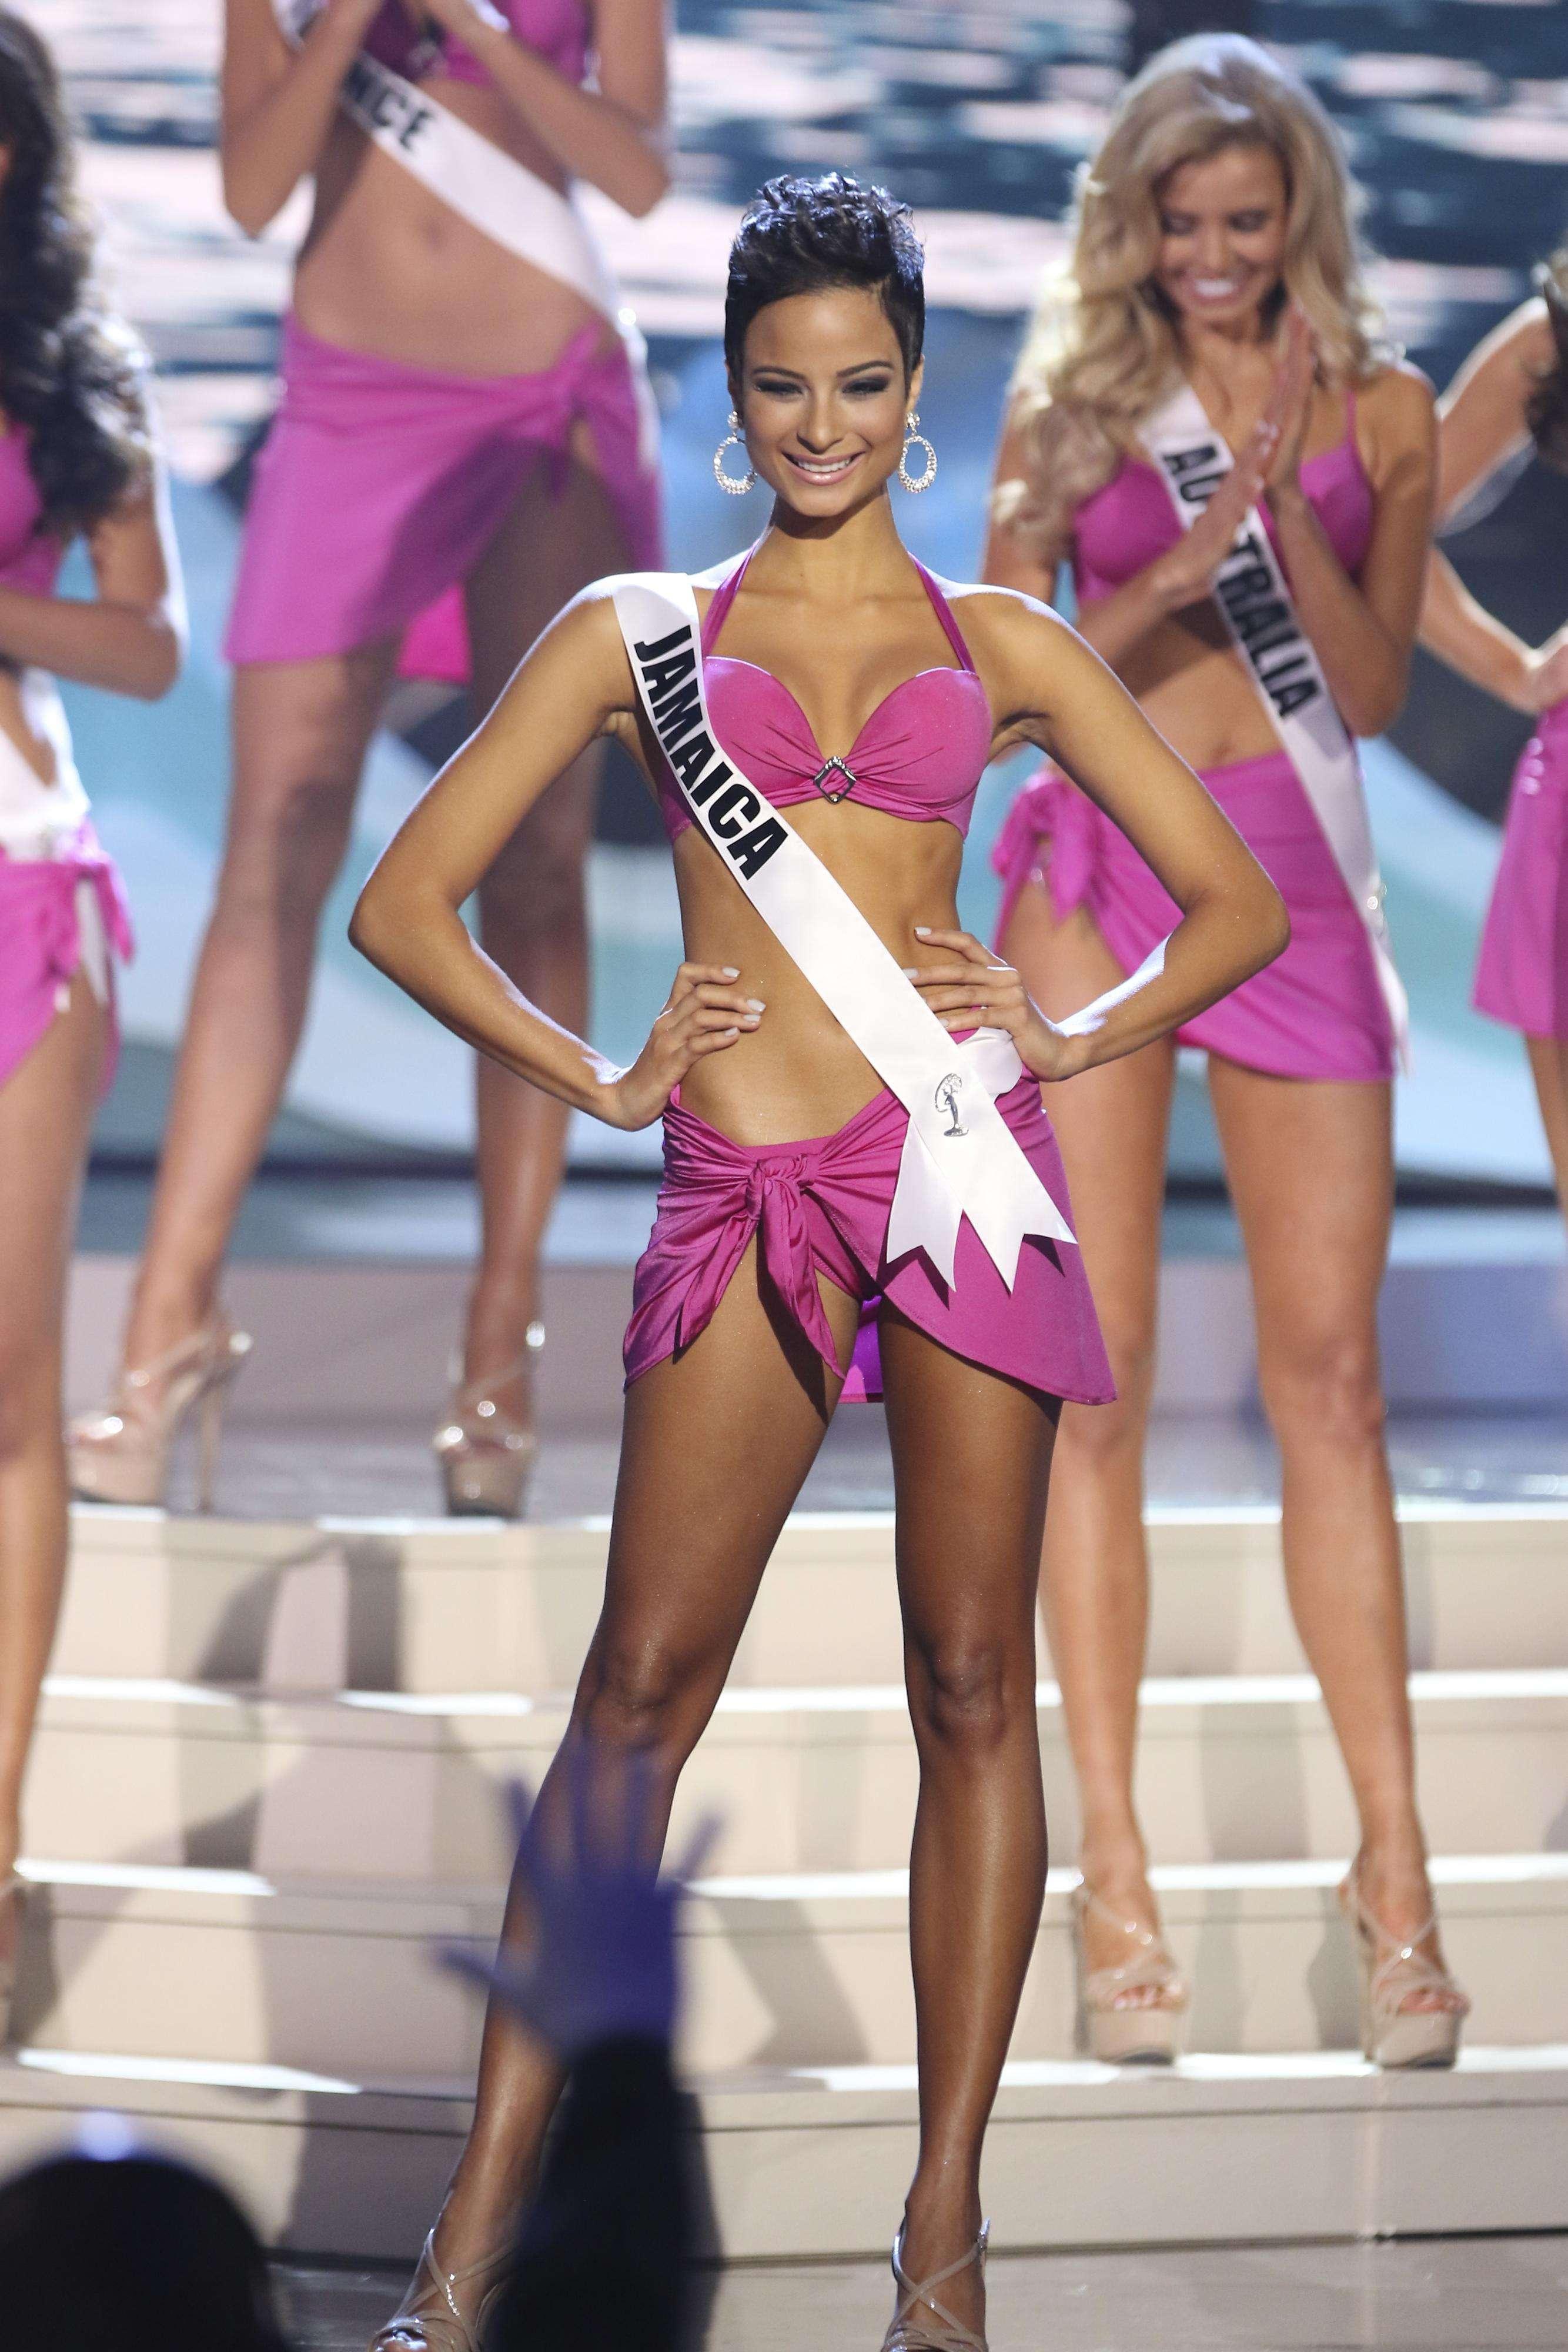 A 63ª edição do Miss Universo foi realizado em Miami, nos Estados Unidos, na noite desse domingo (25). Foto: Alexander Tamargo/Getty Images